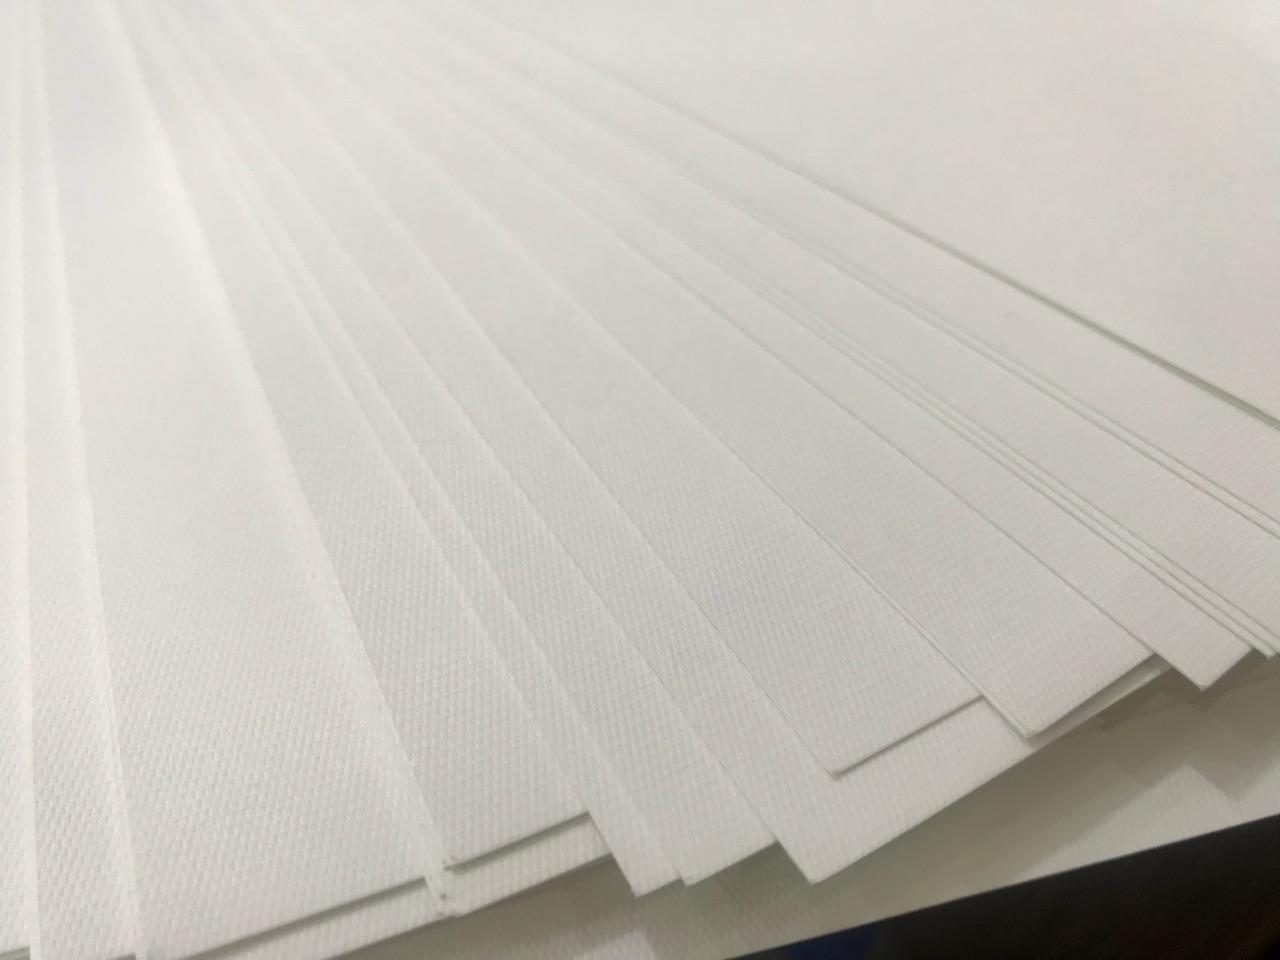 Các loại giấy mỹ thuật cao cấp cũng thường được sử dụng để in ân card visit